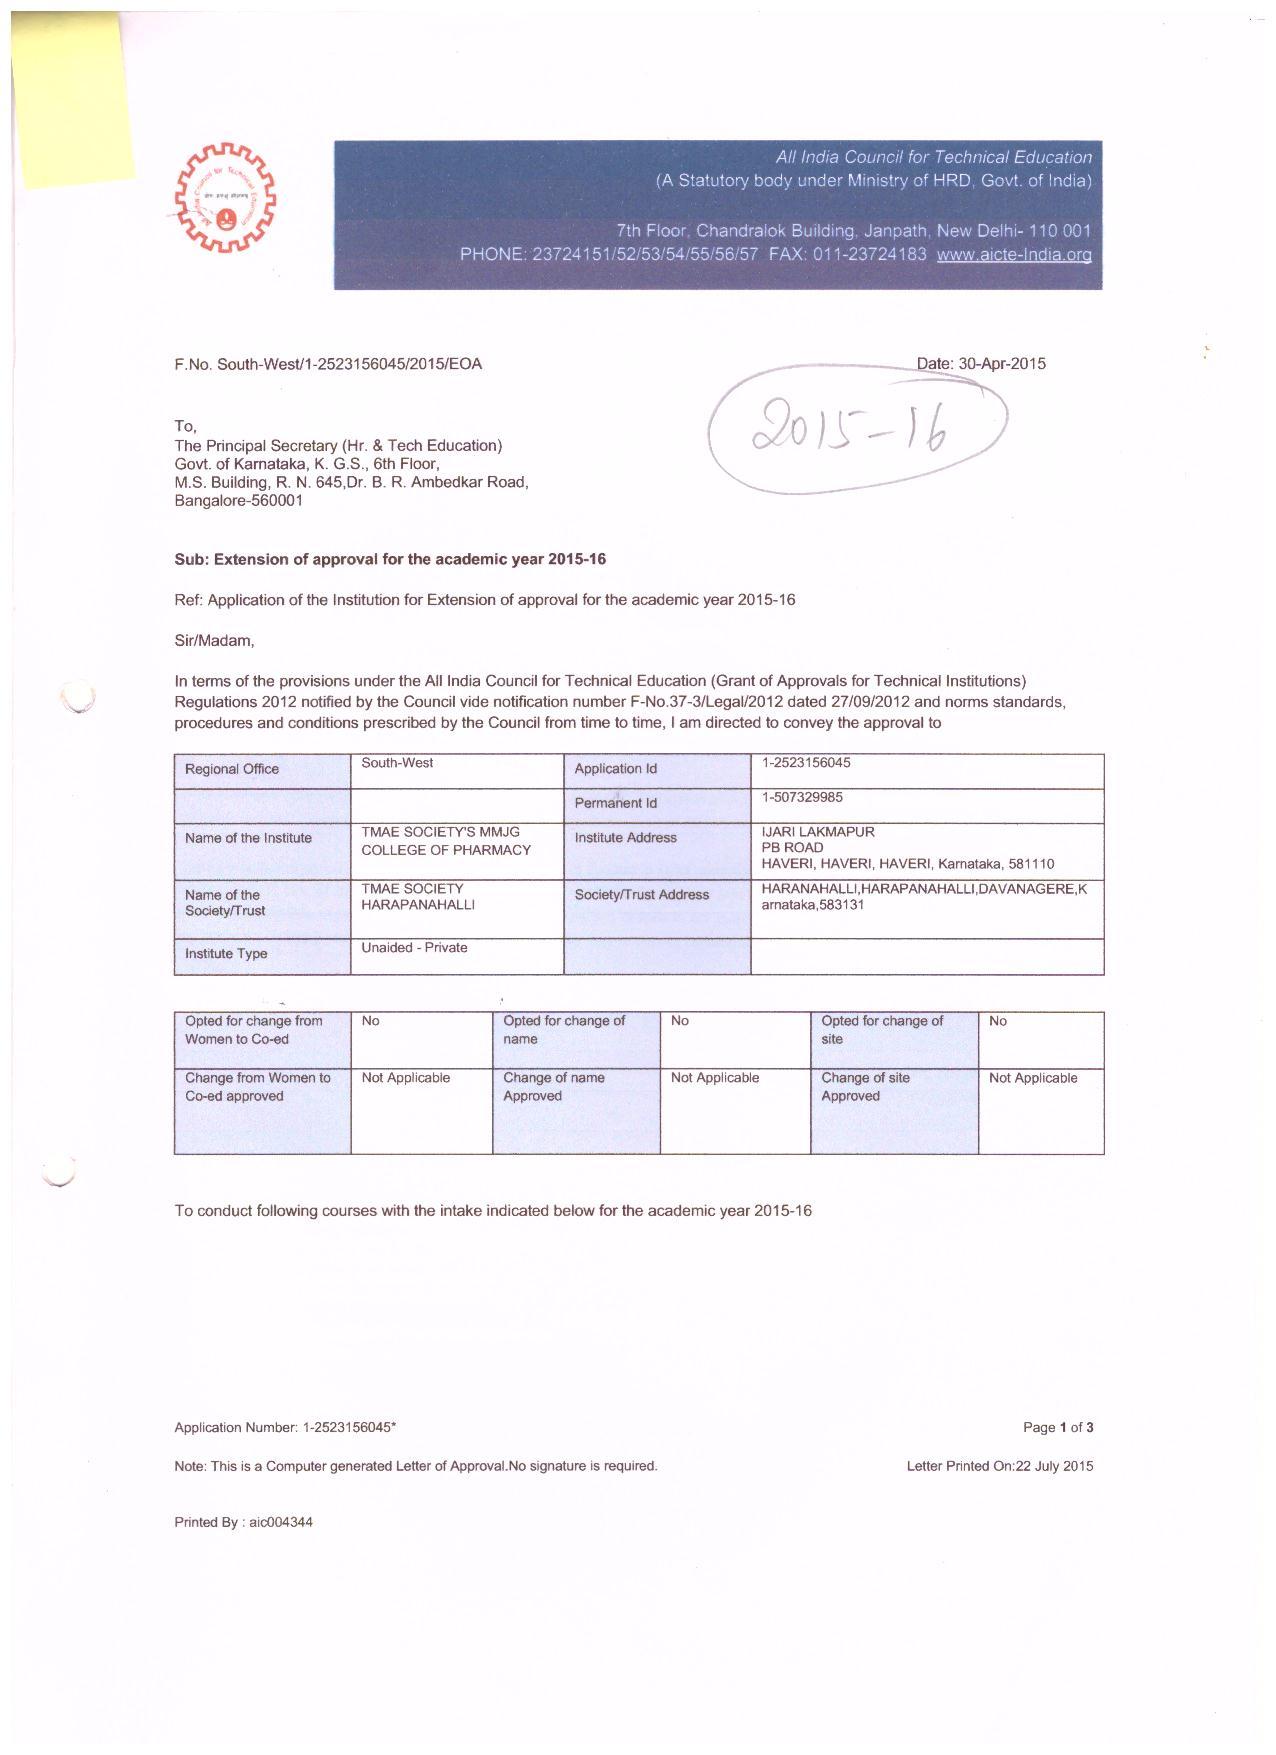 AICTE Approval Copy 2015-16 (1)